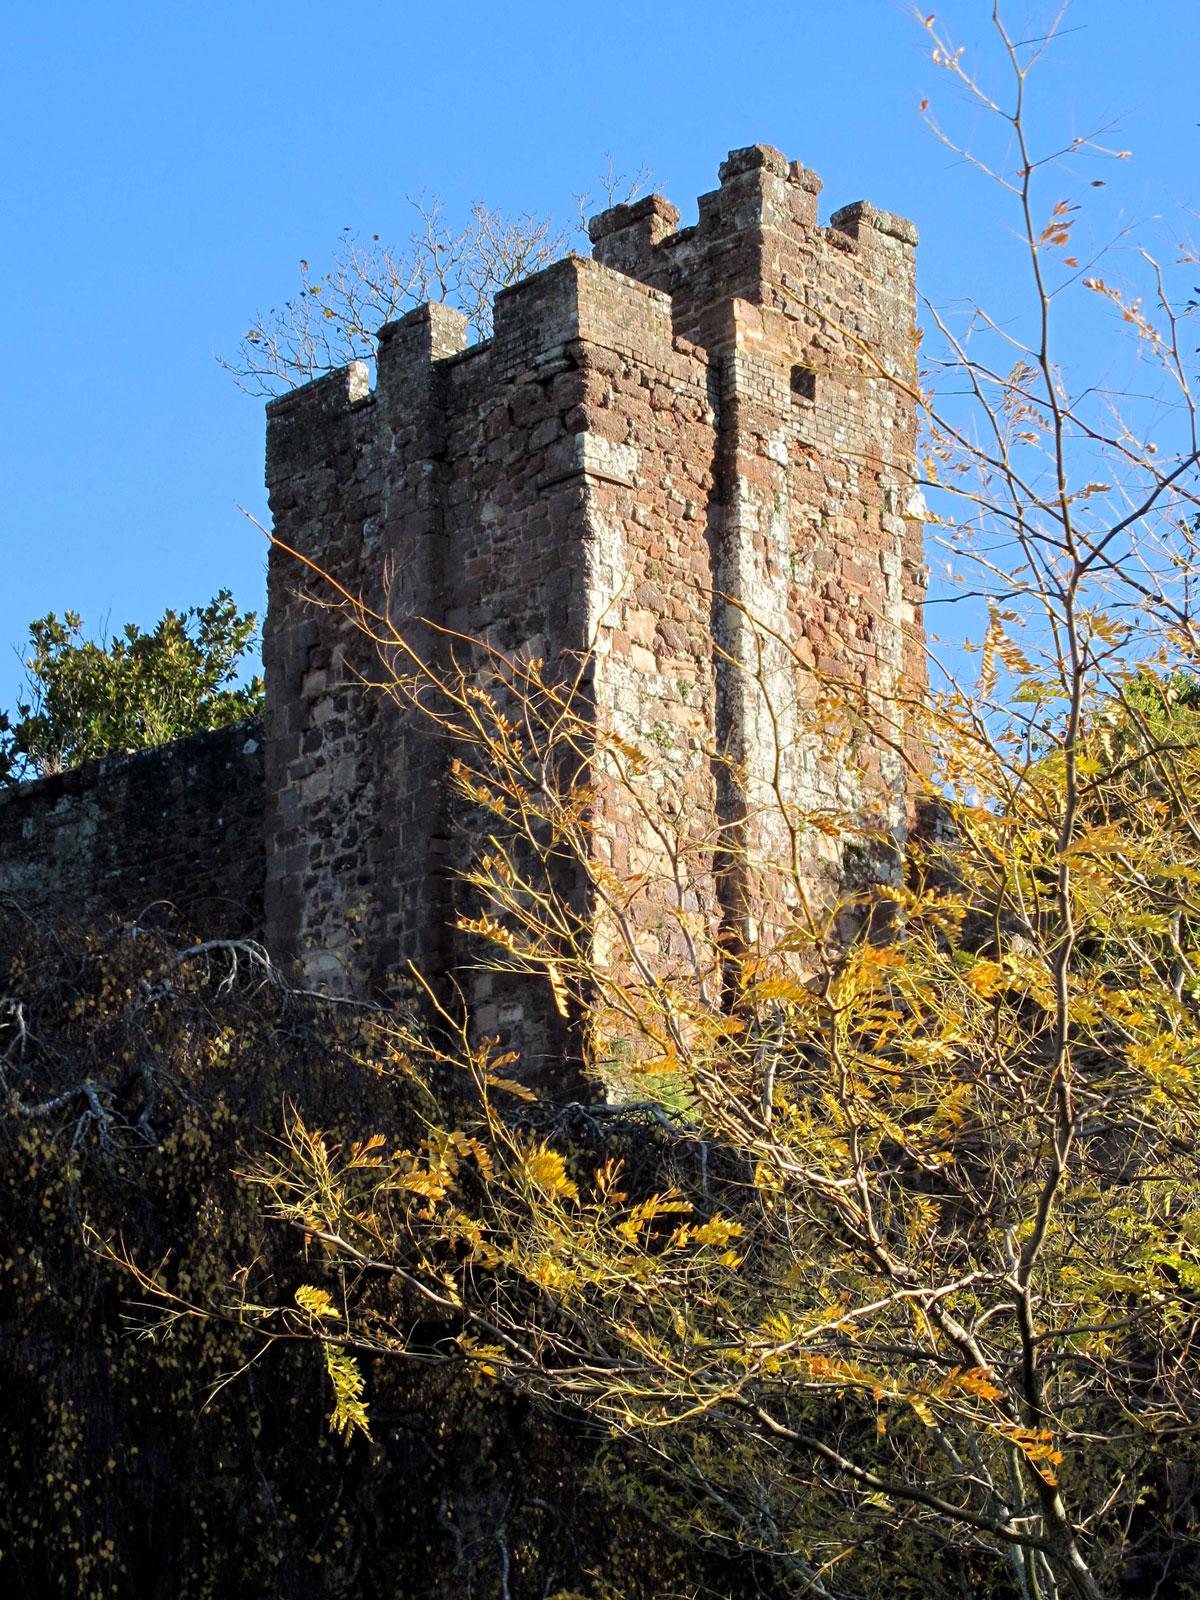 Athelstan's Tower